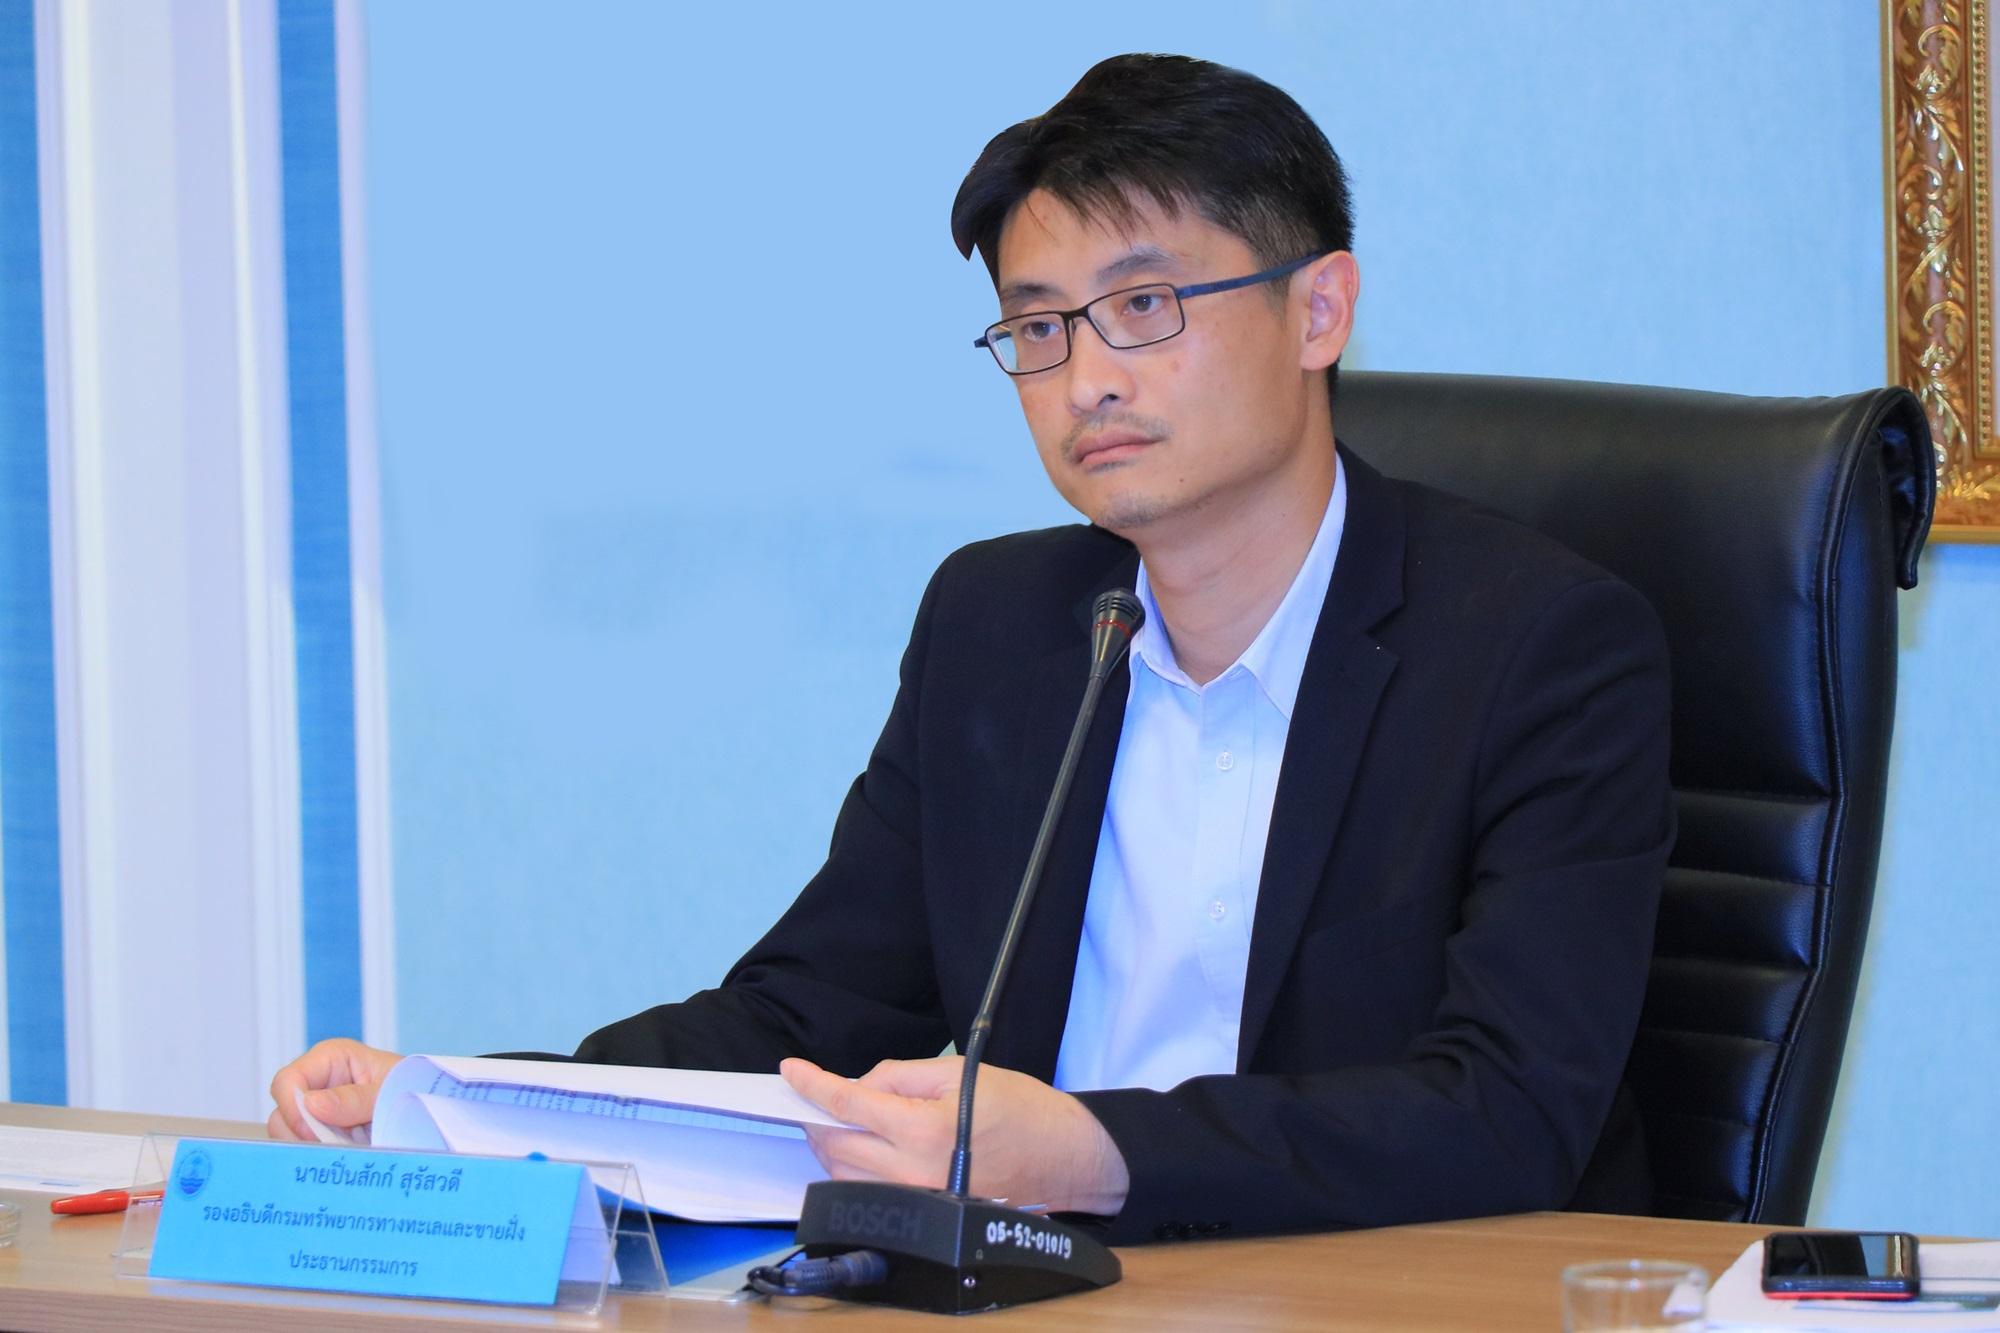 ทช. จัดประชุมคณะกรรมการบริหารเงินทุนหมุนเวียนสถานแสดงพันธุ์สัตว์น้ำ จ.ภูเก็ต ครั้ง 1/2562